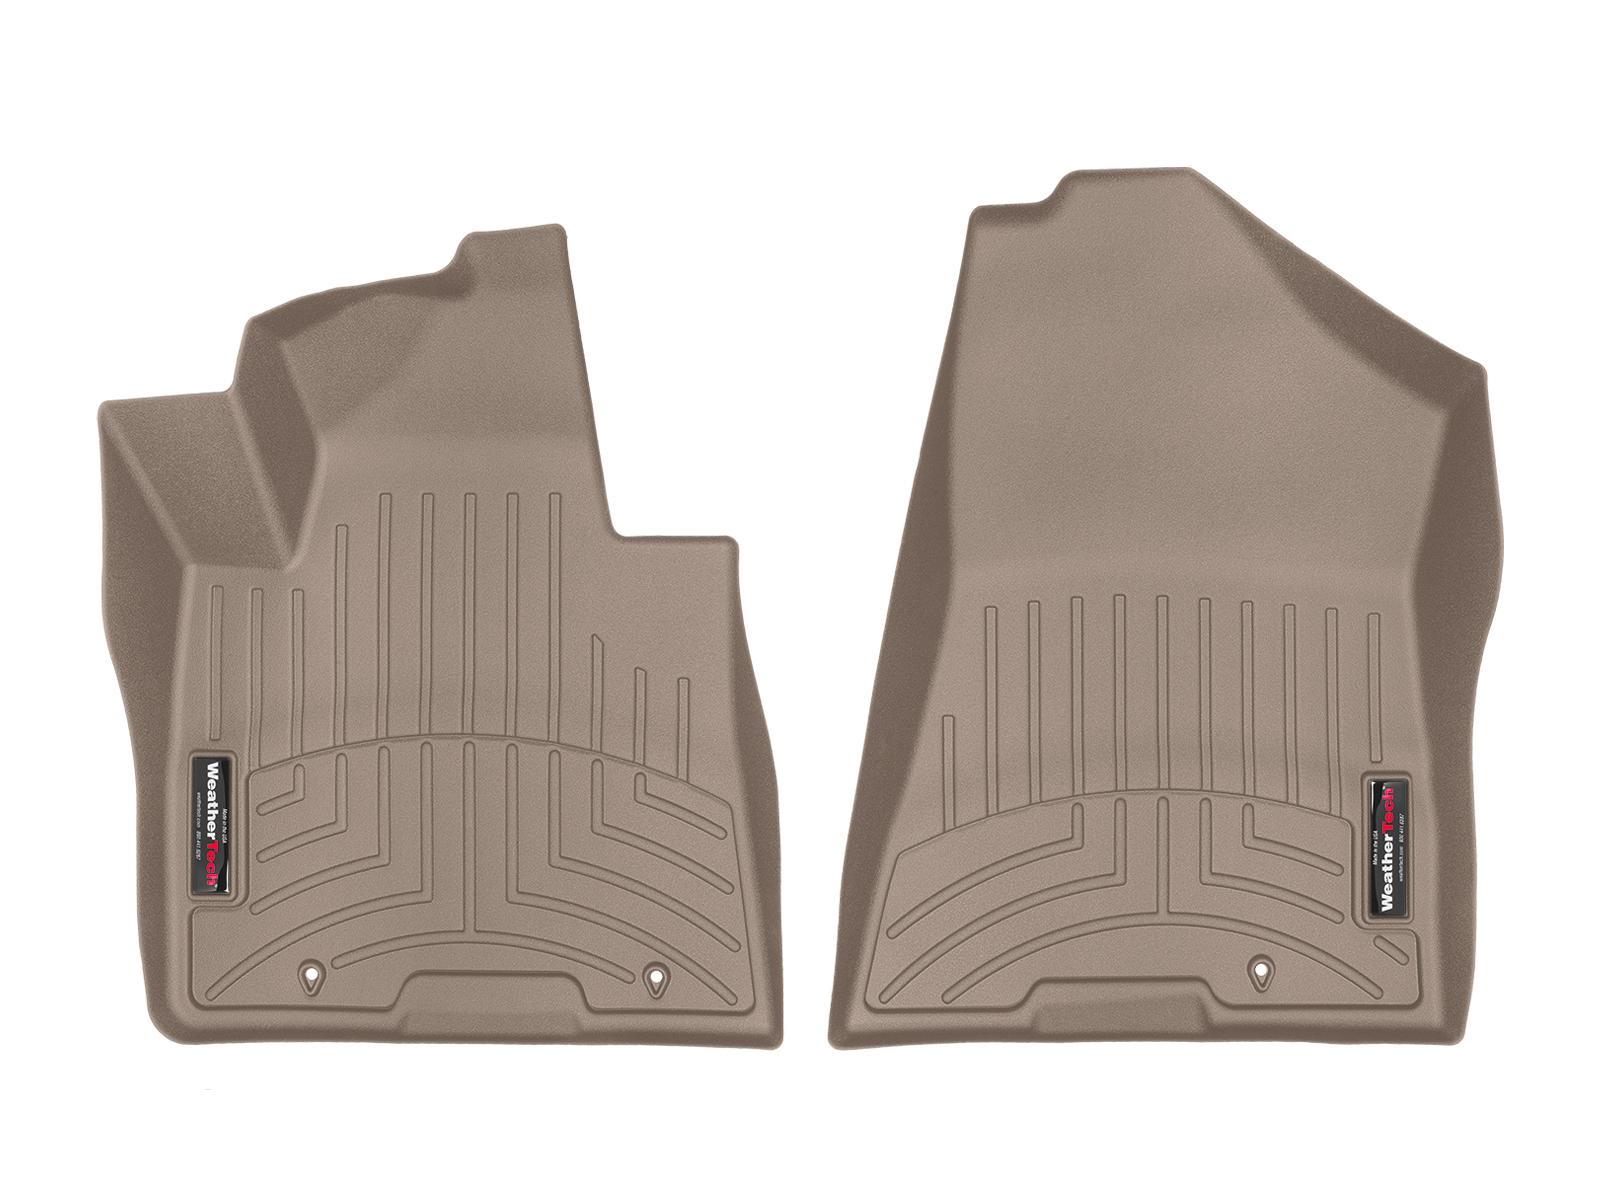 Tappeti gomma su misura bordo alto Hyundai Tucson 15>17 Marrone A1500